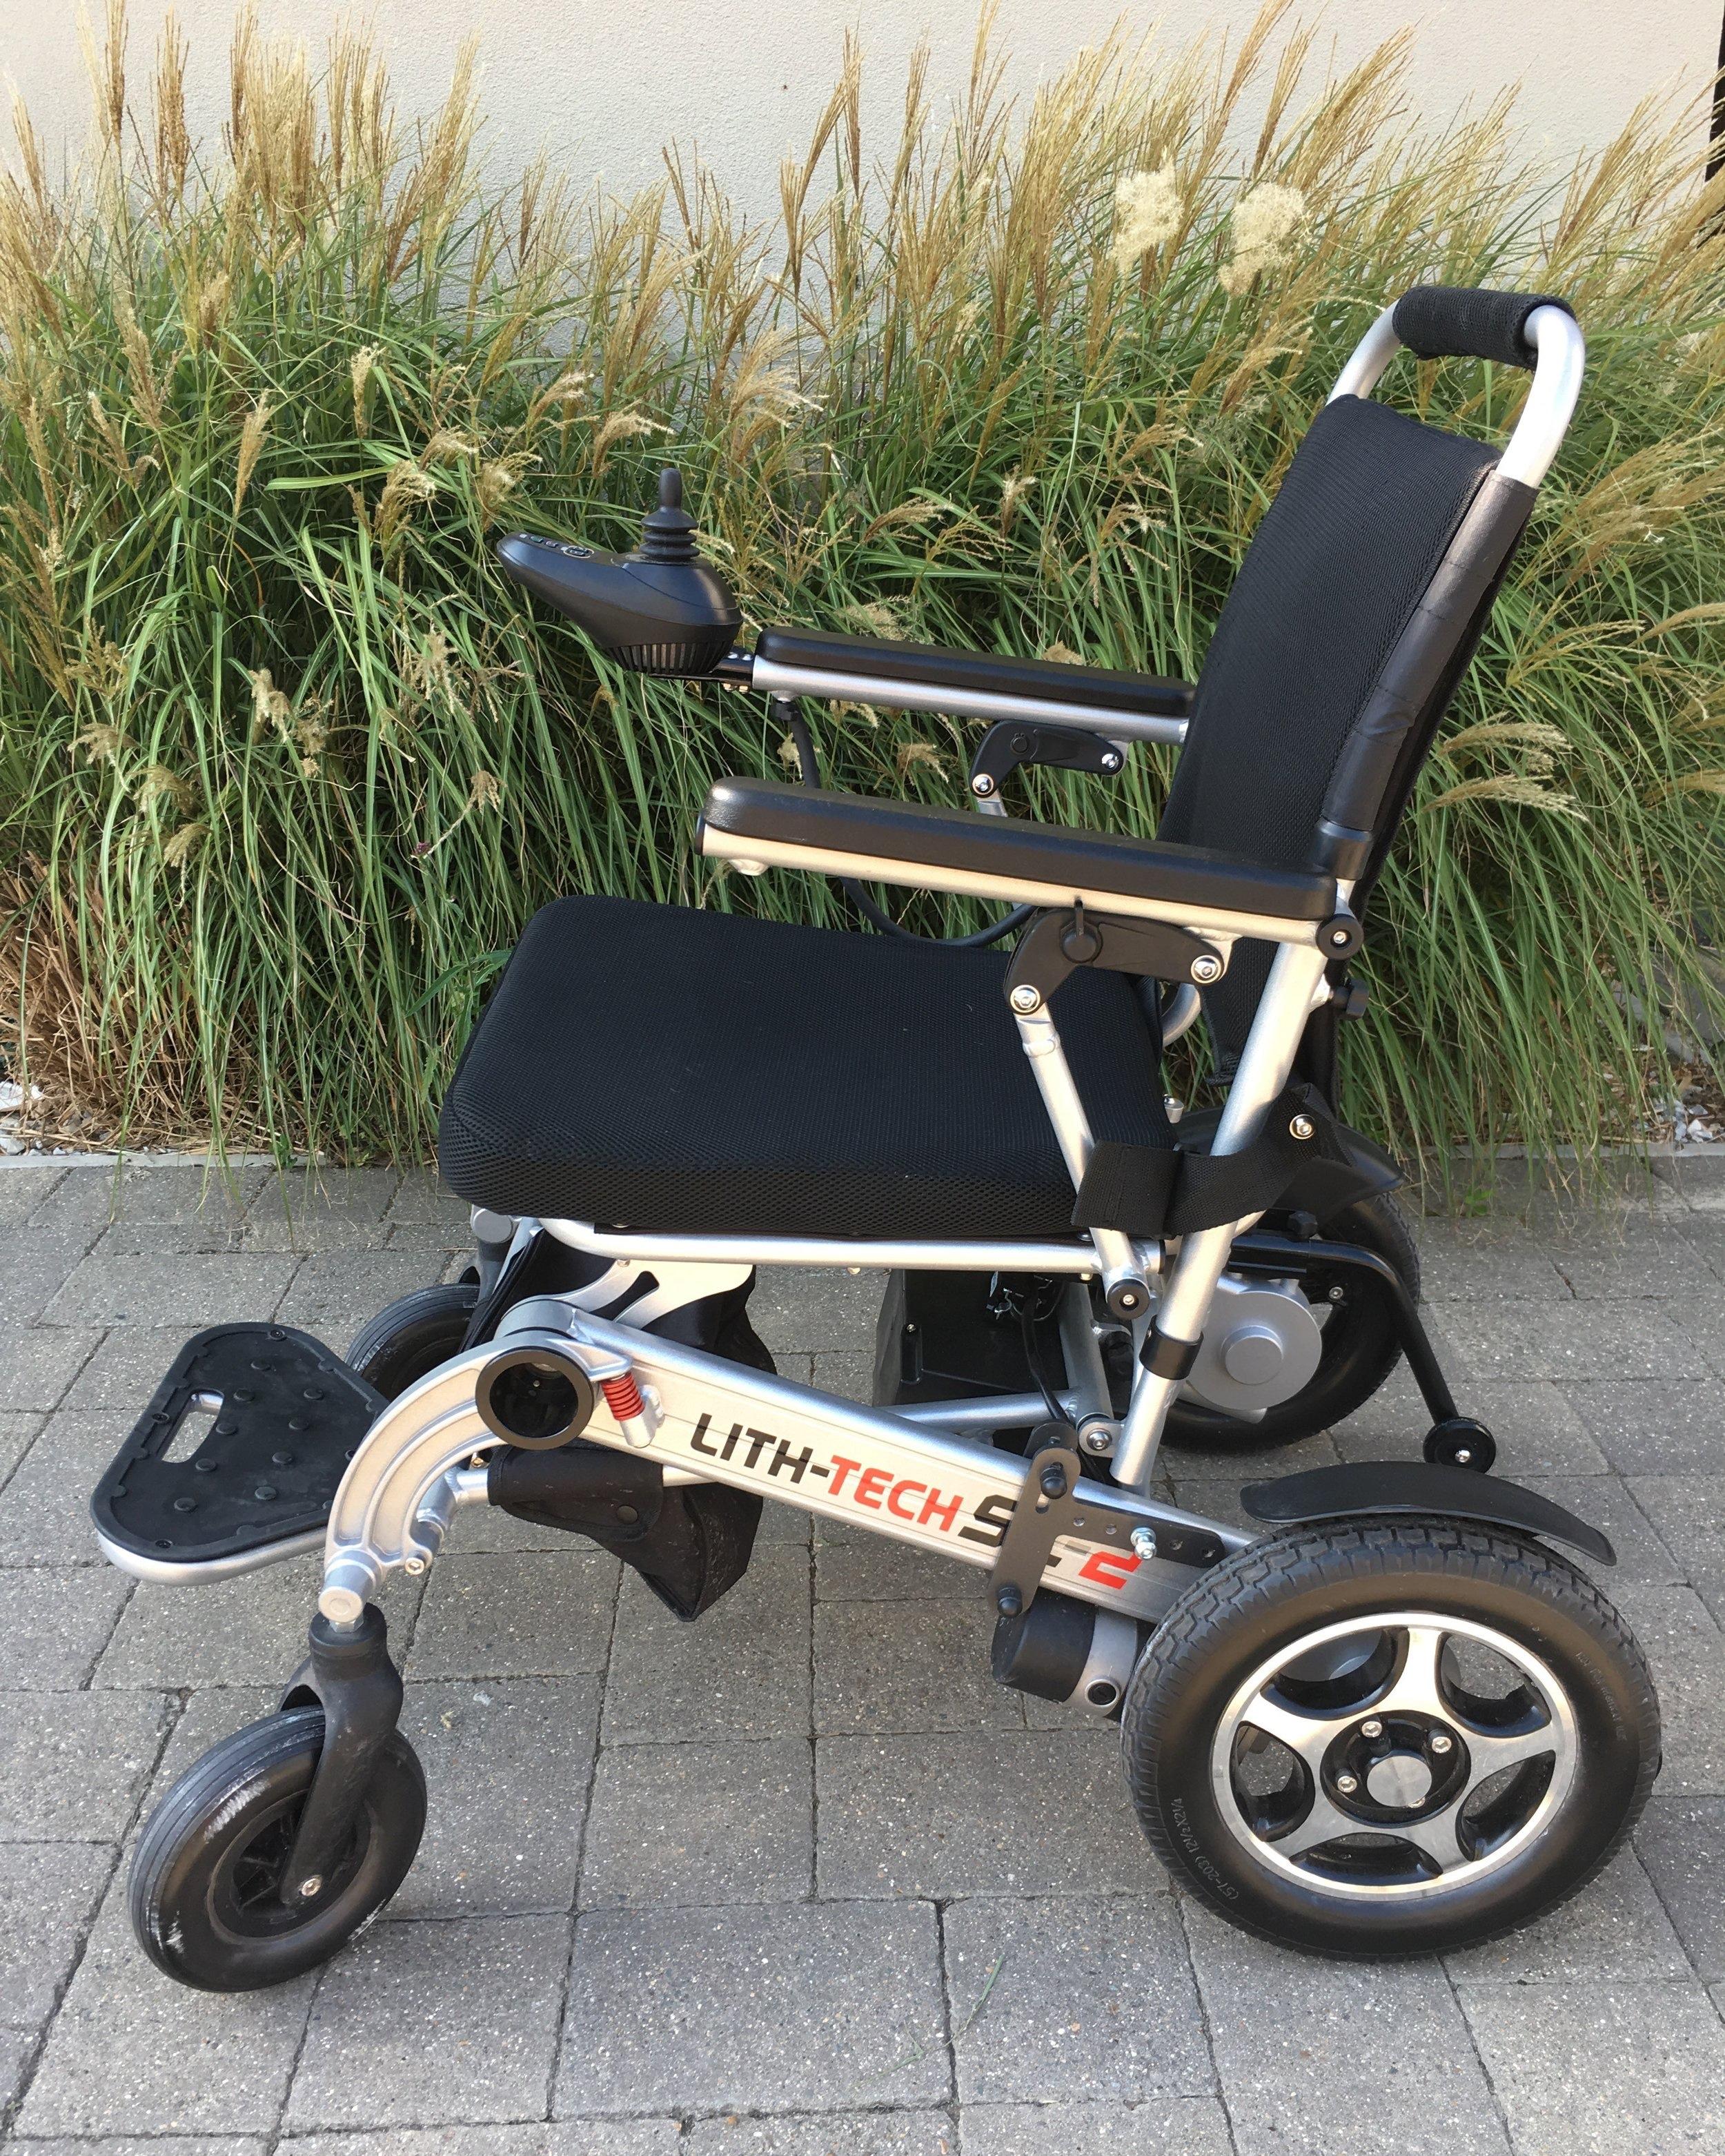 Lith-Tech Smart Chair 2 2.jpg